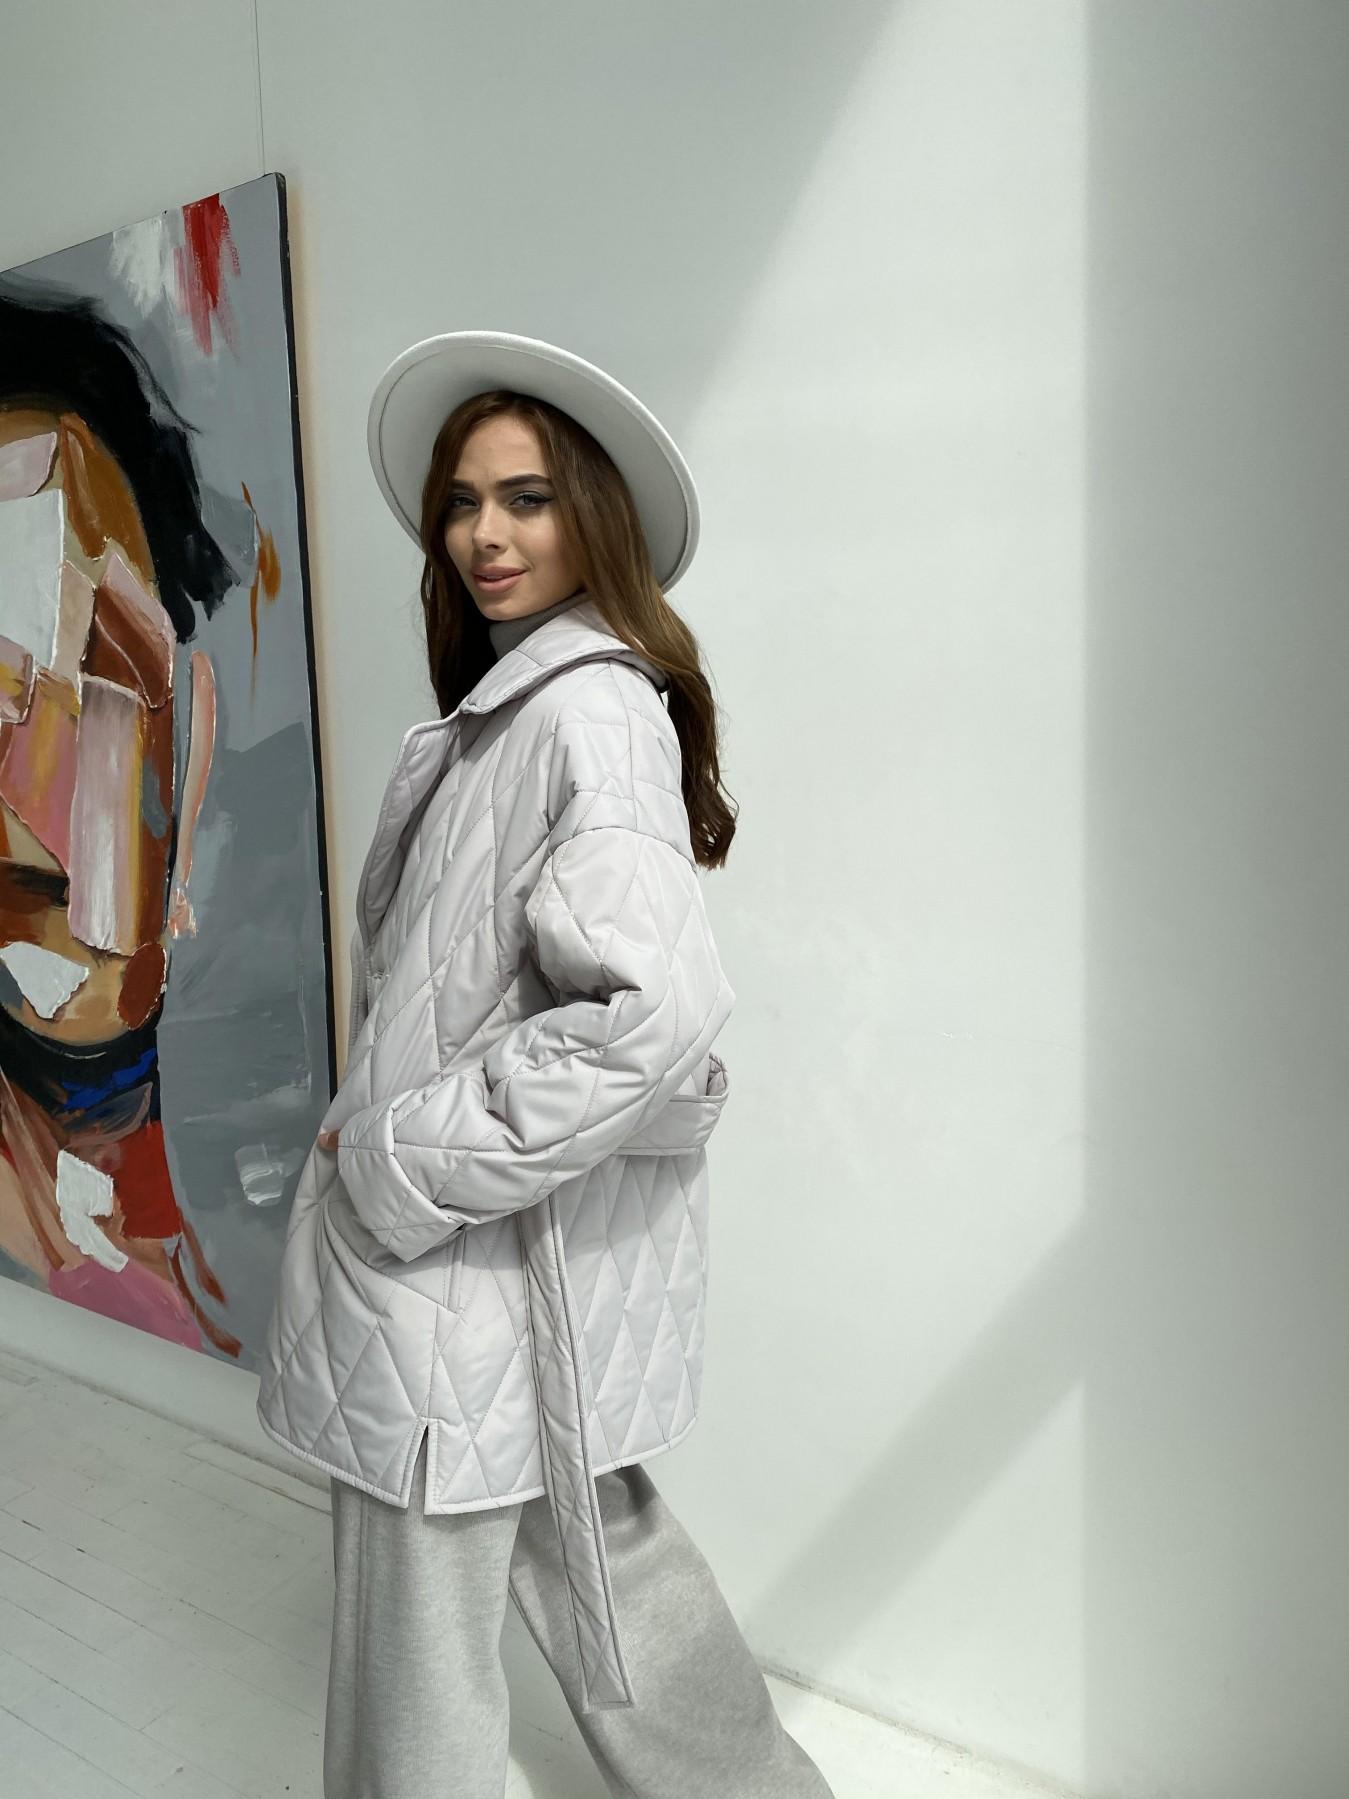 Норд стеганая куртка из плащеки 11770  АРТ. 48510 Цвет: Бежевый 971 - фото 4, интернет магазин tm-modus.ru